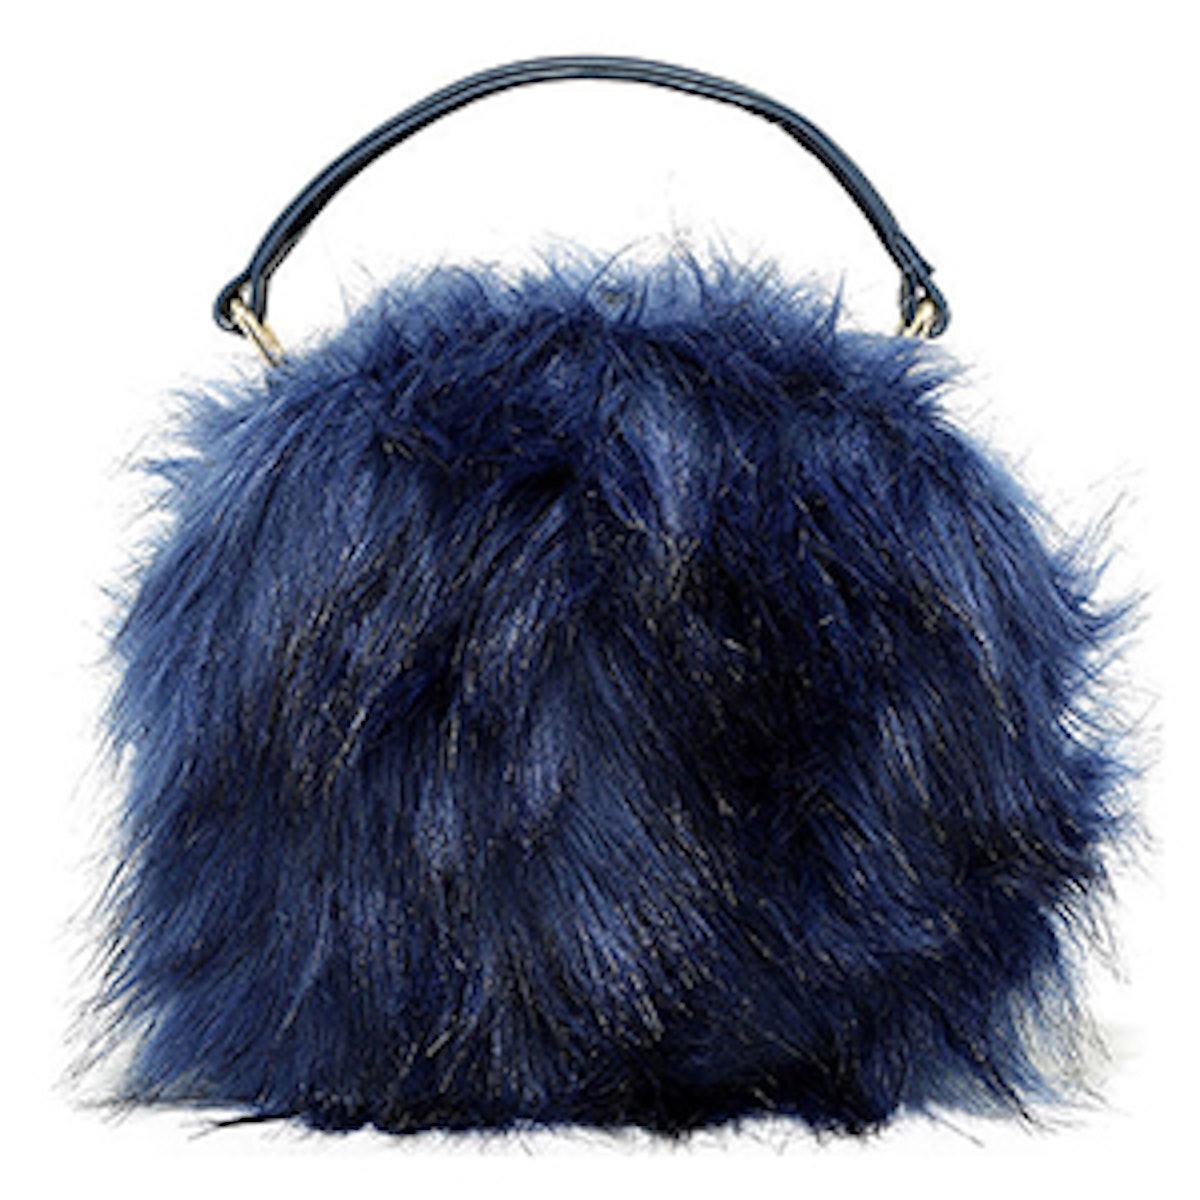 Fur The Best Faux Fur Purse